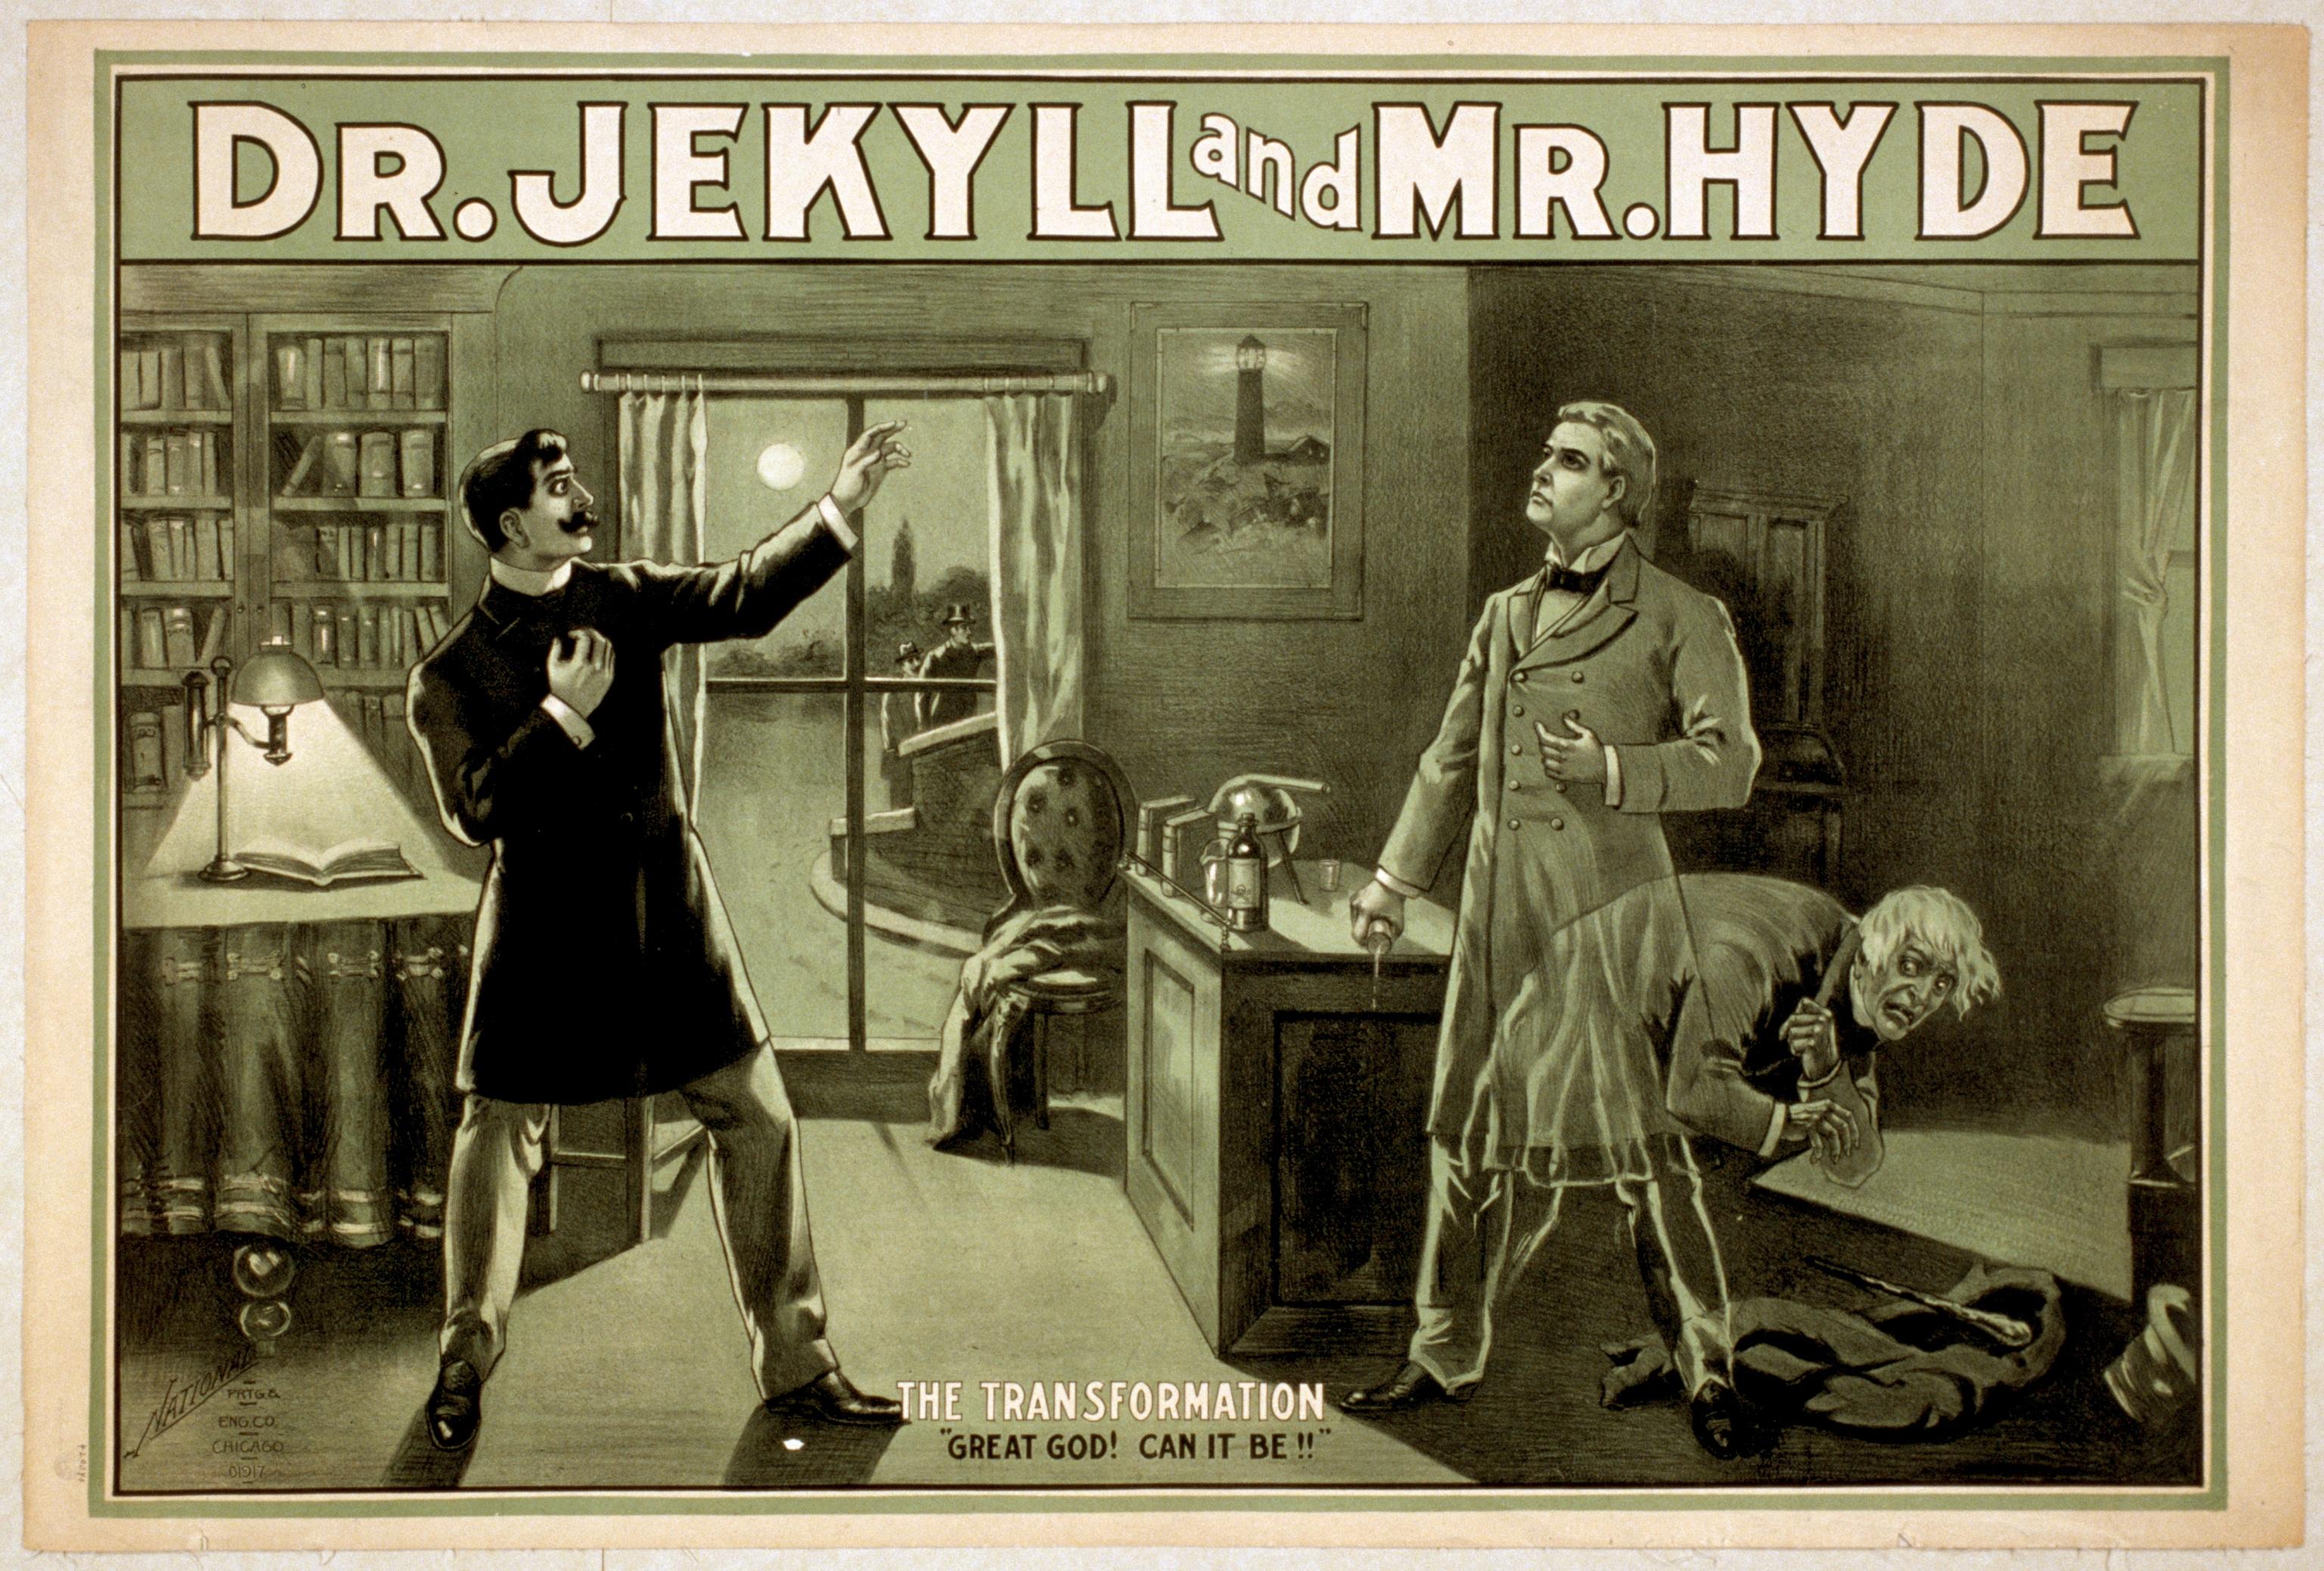 Доктор Джекил и мистер Хайд. Театральная афиша XIX века.